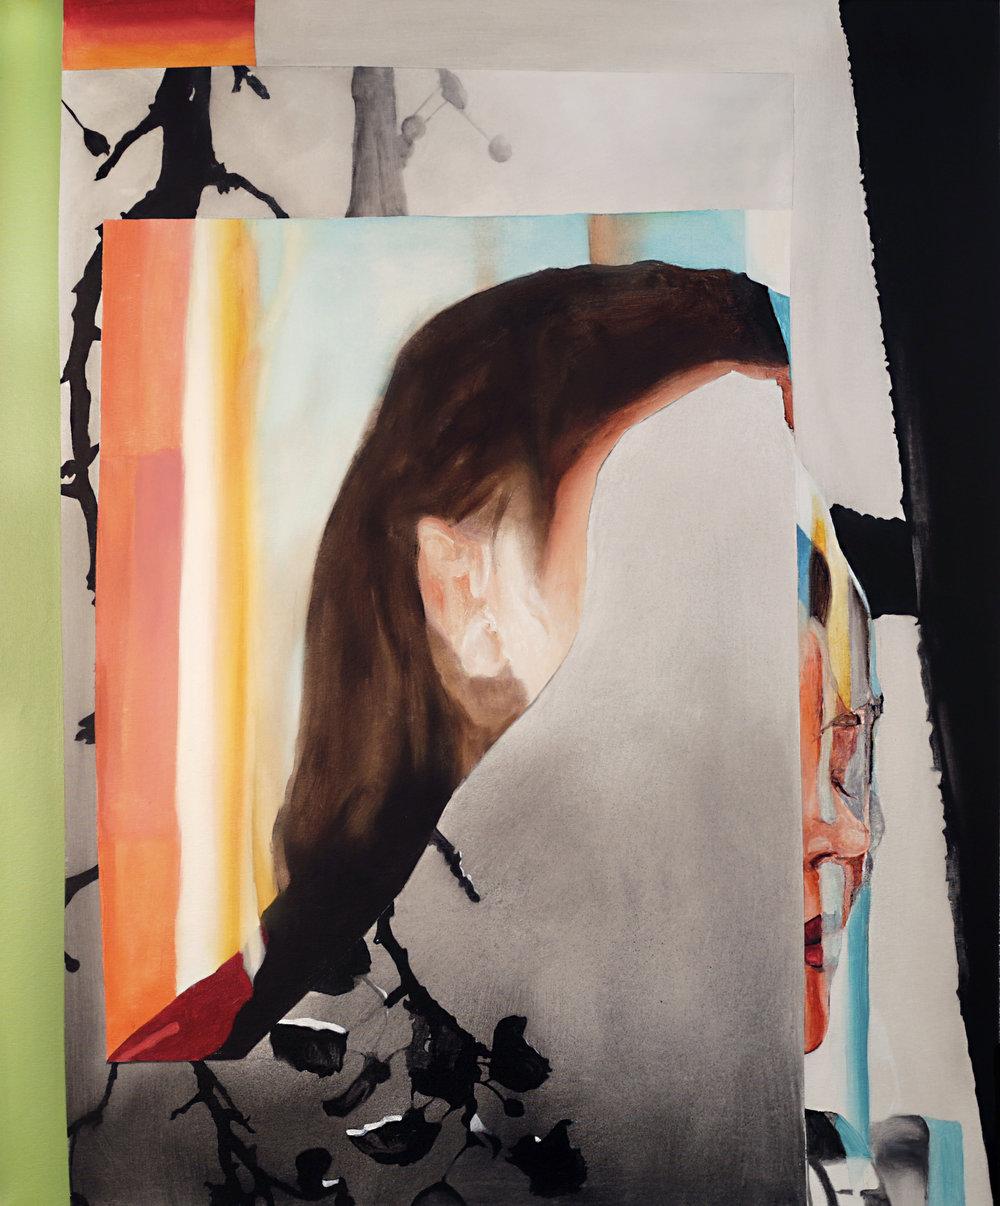 Broken+colour+122+x+100+Broken+colour+$3700 (1).jpg